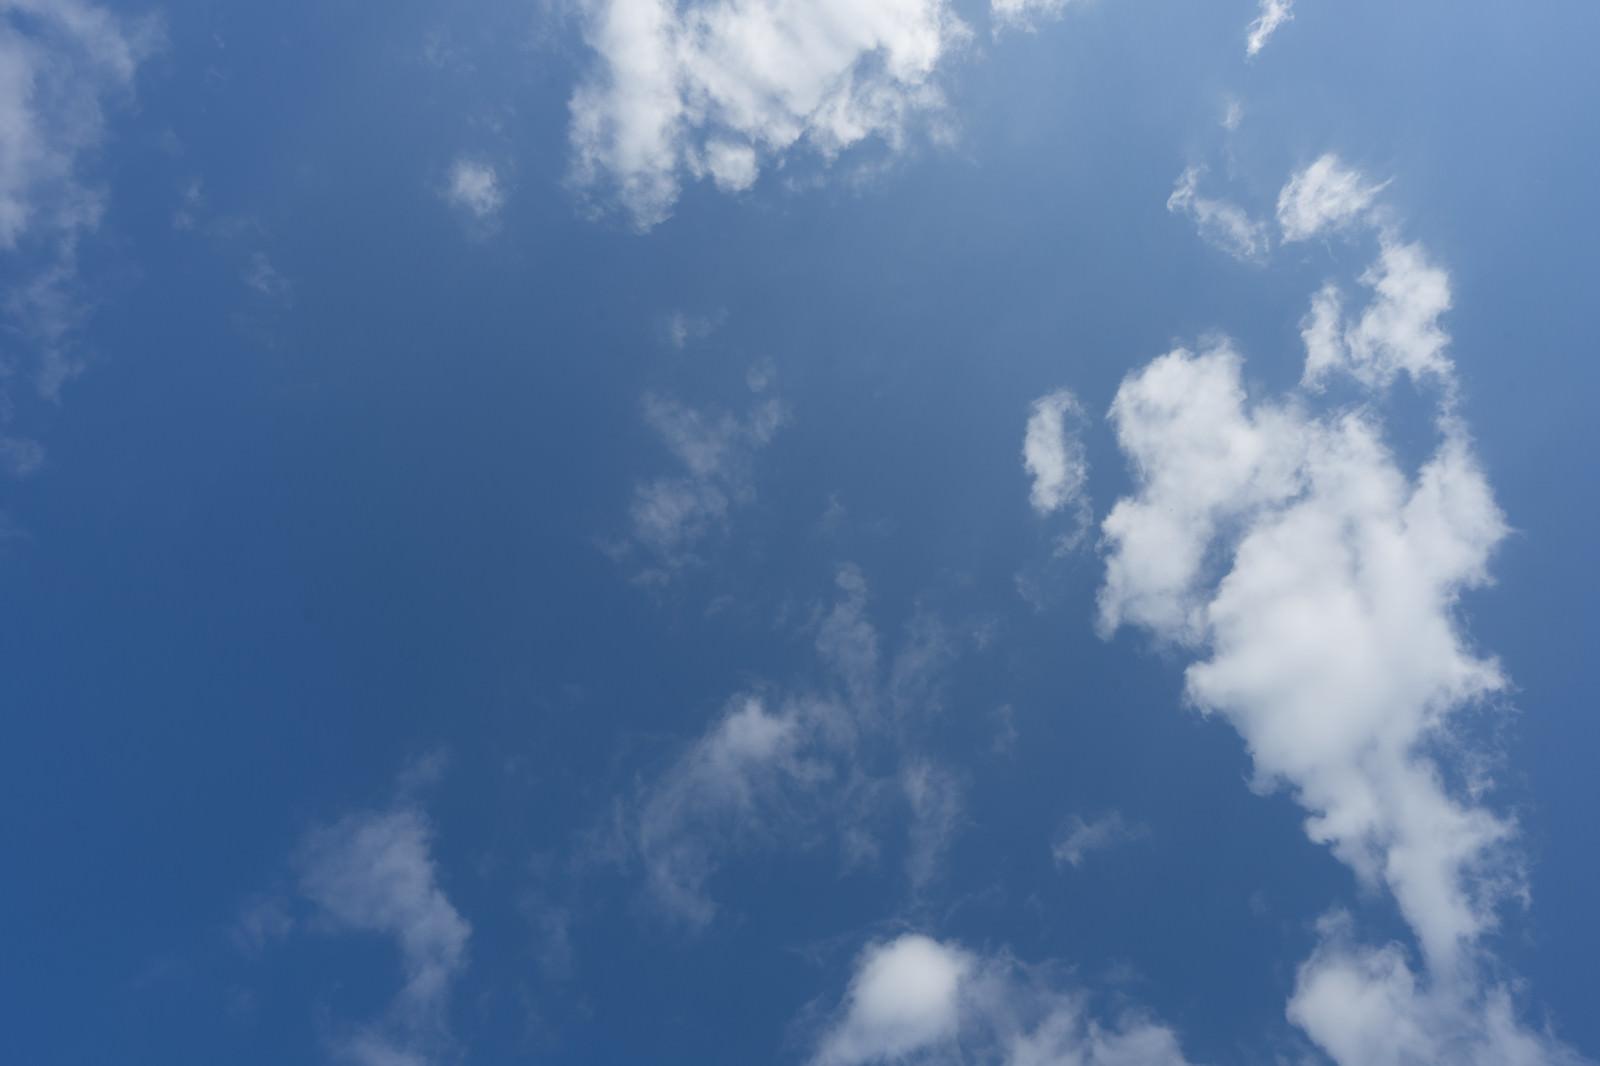 「よく晴れた日の空と雲」の写真